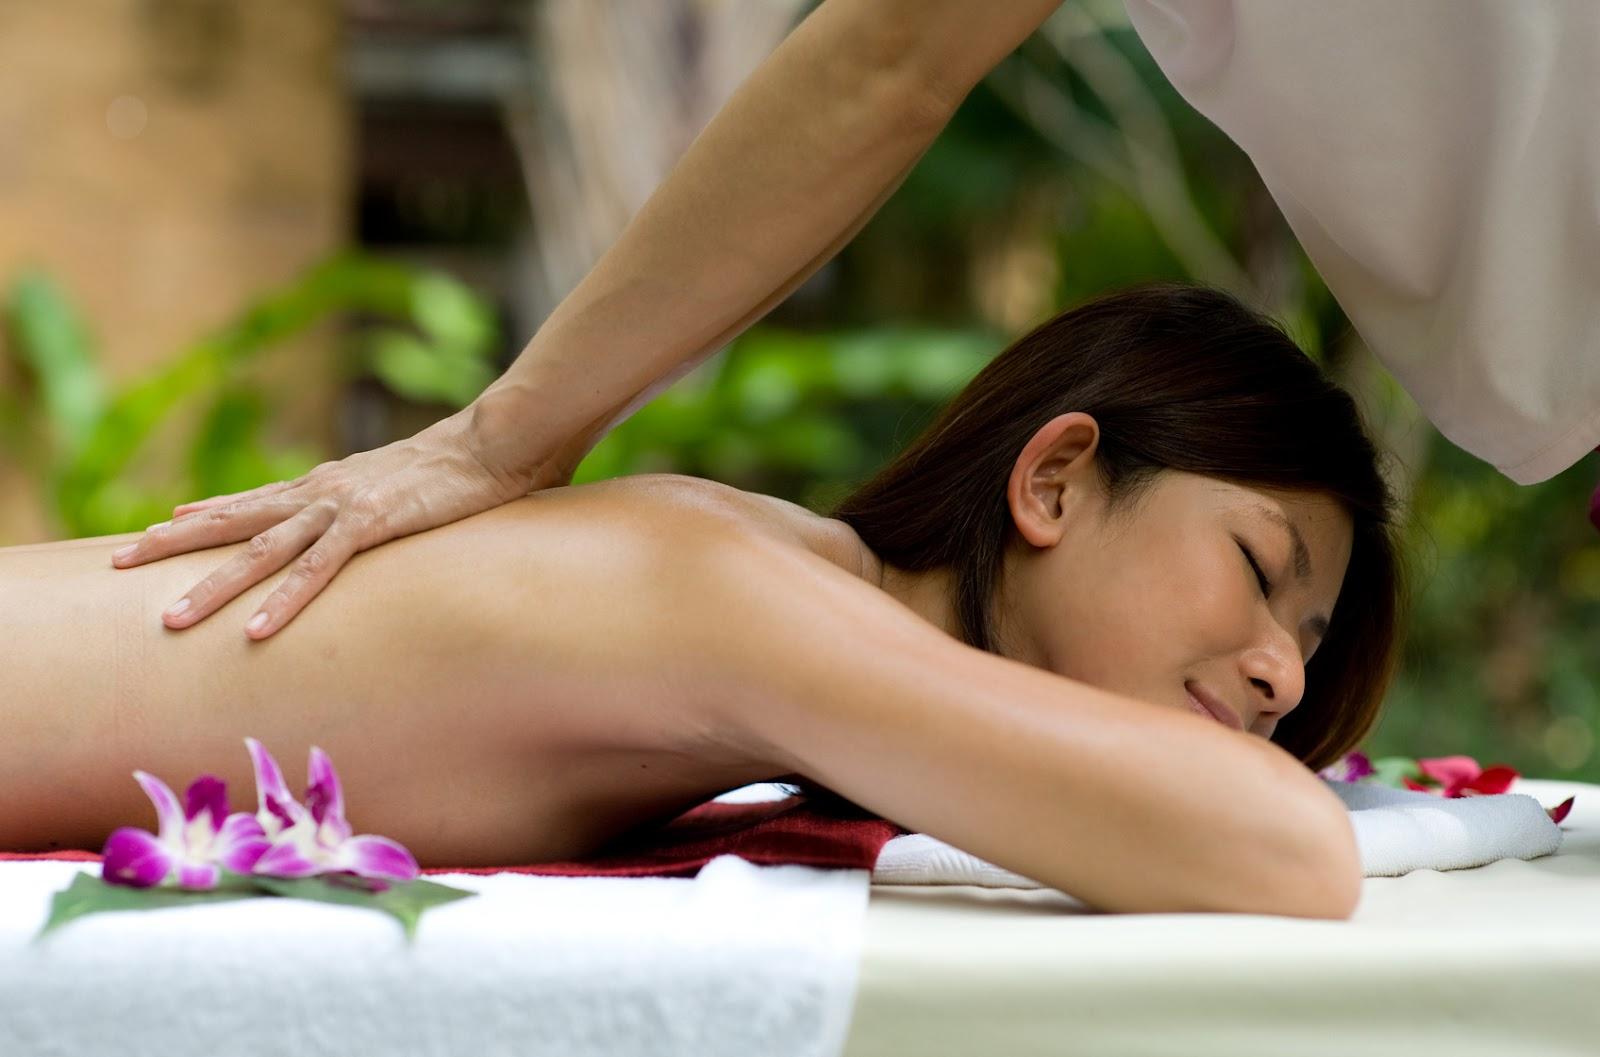 Horario de apertura - No9 - Spa y masaje tailandés - Soho-6839